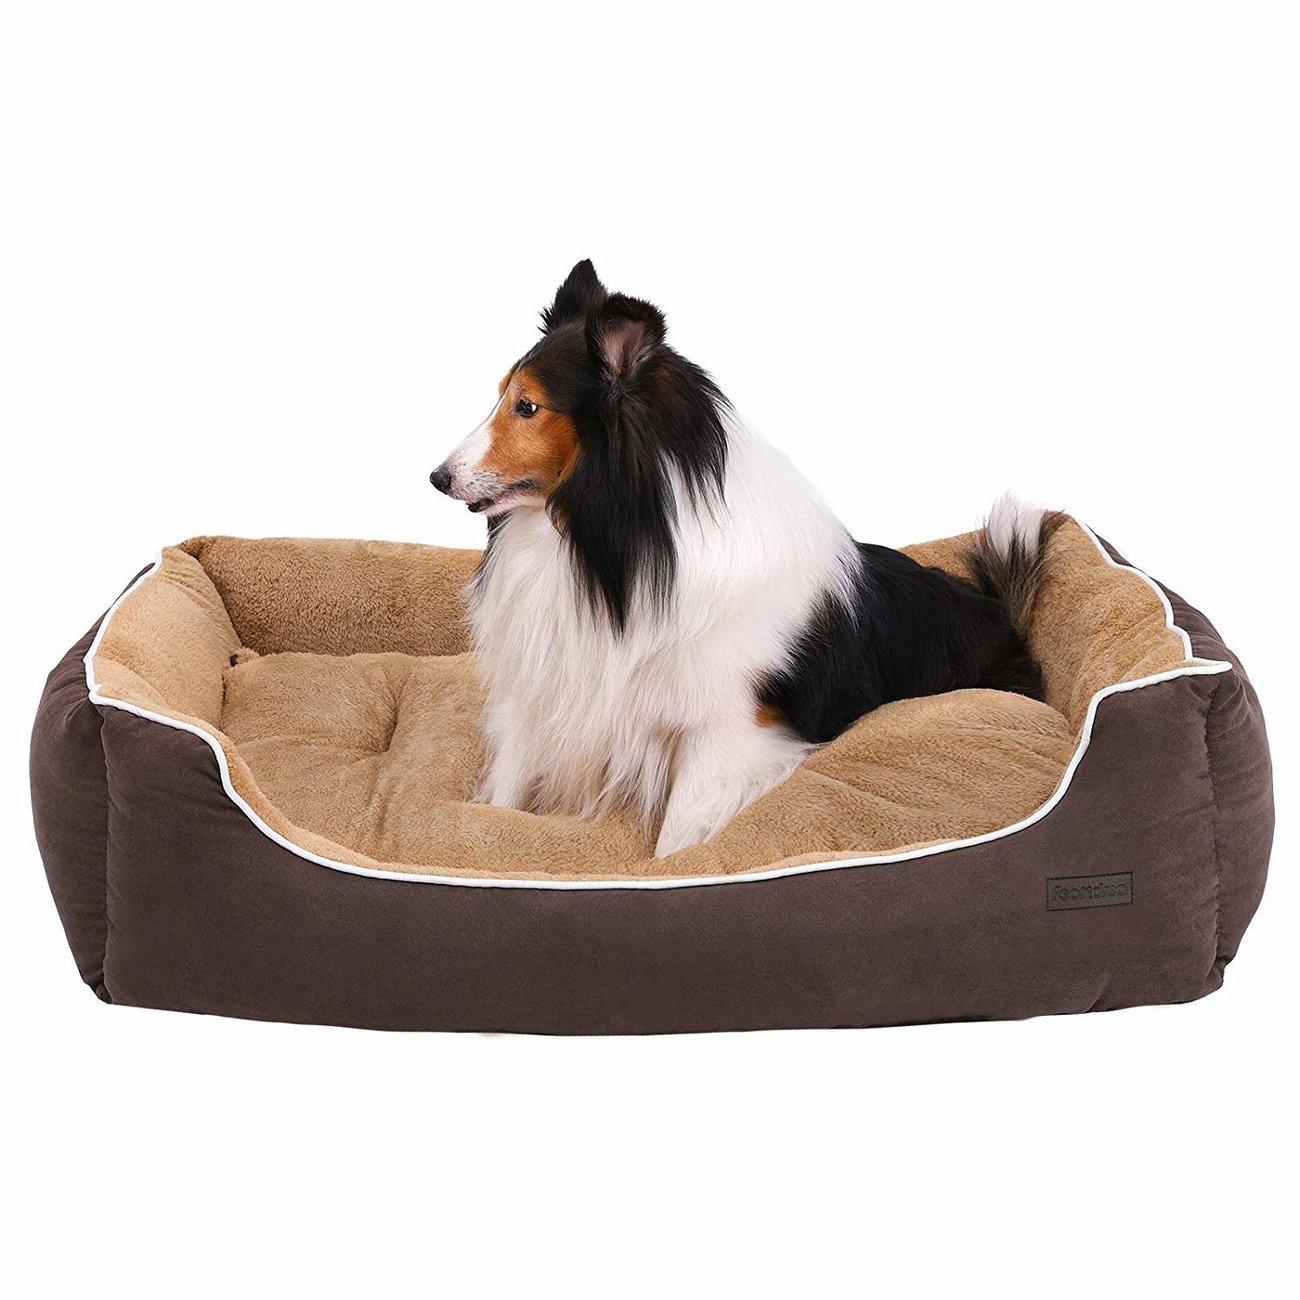 FEANDREA by SONGMICS Hundebett mit Liegefläche aus Plüsch, Bild 14